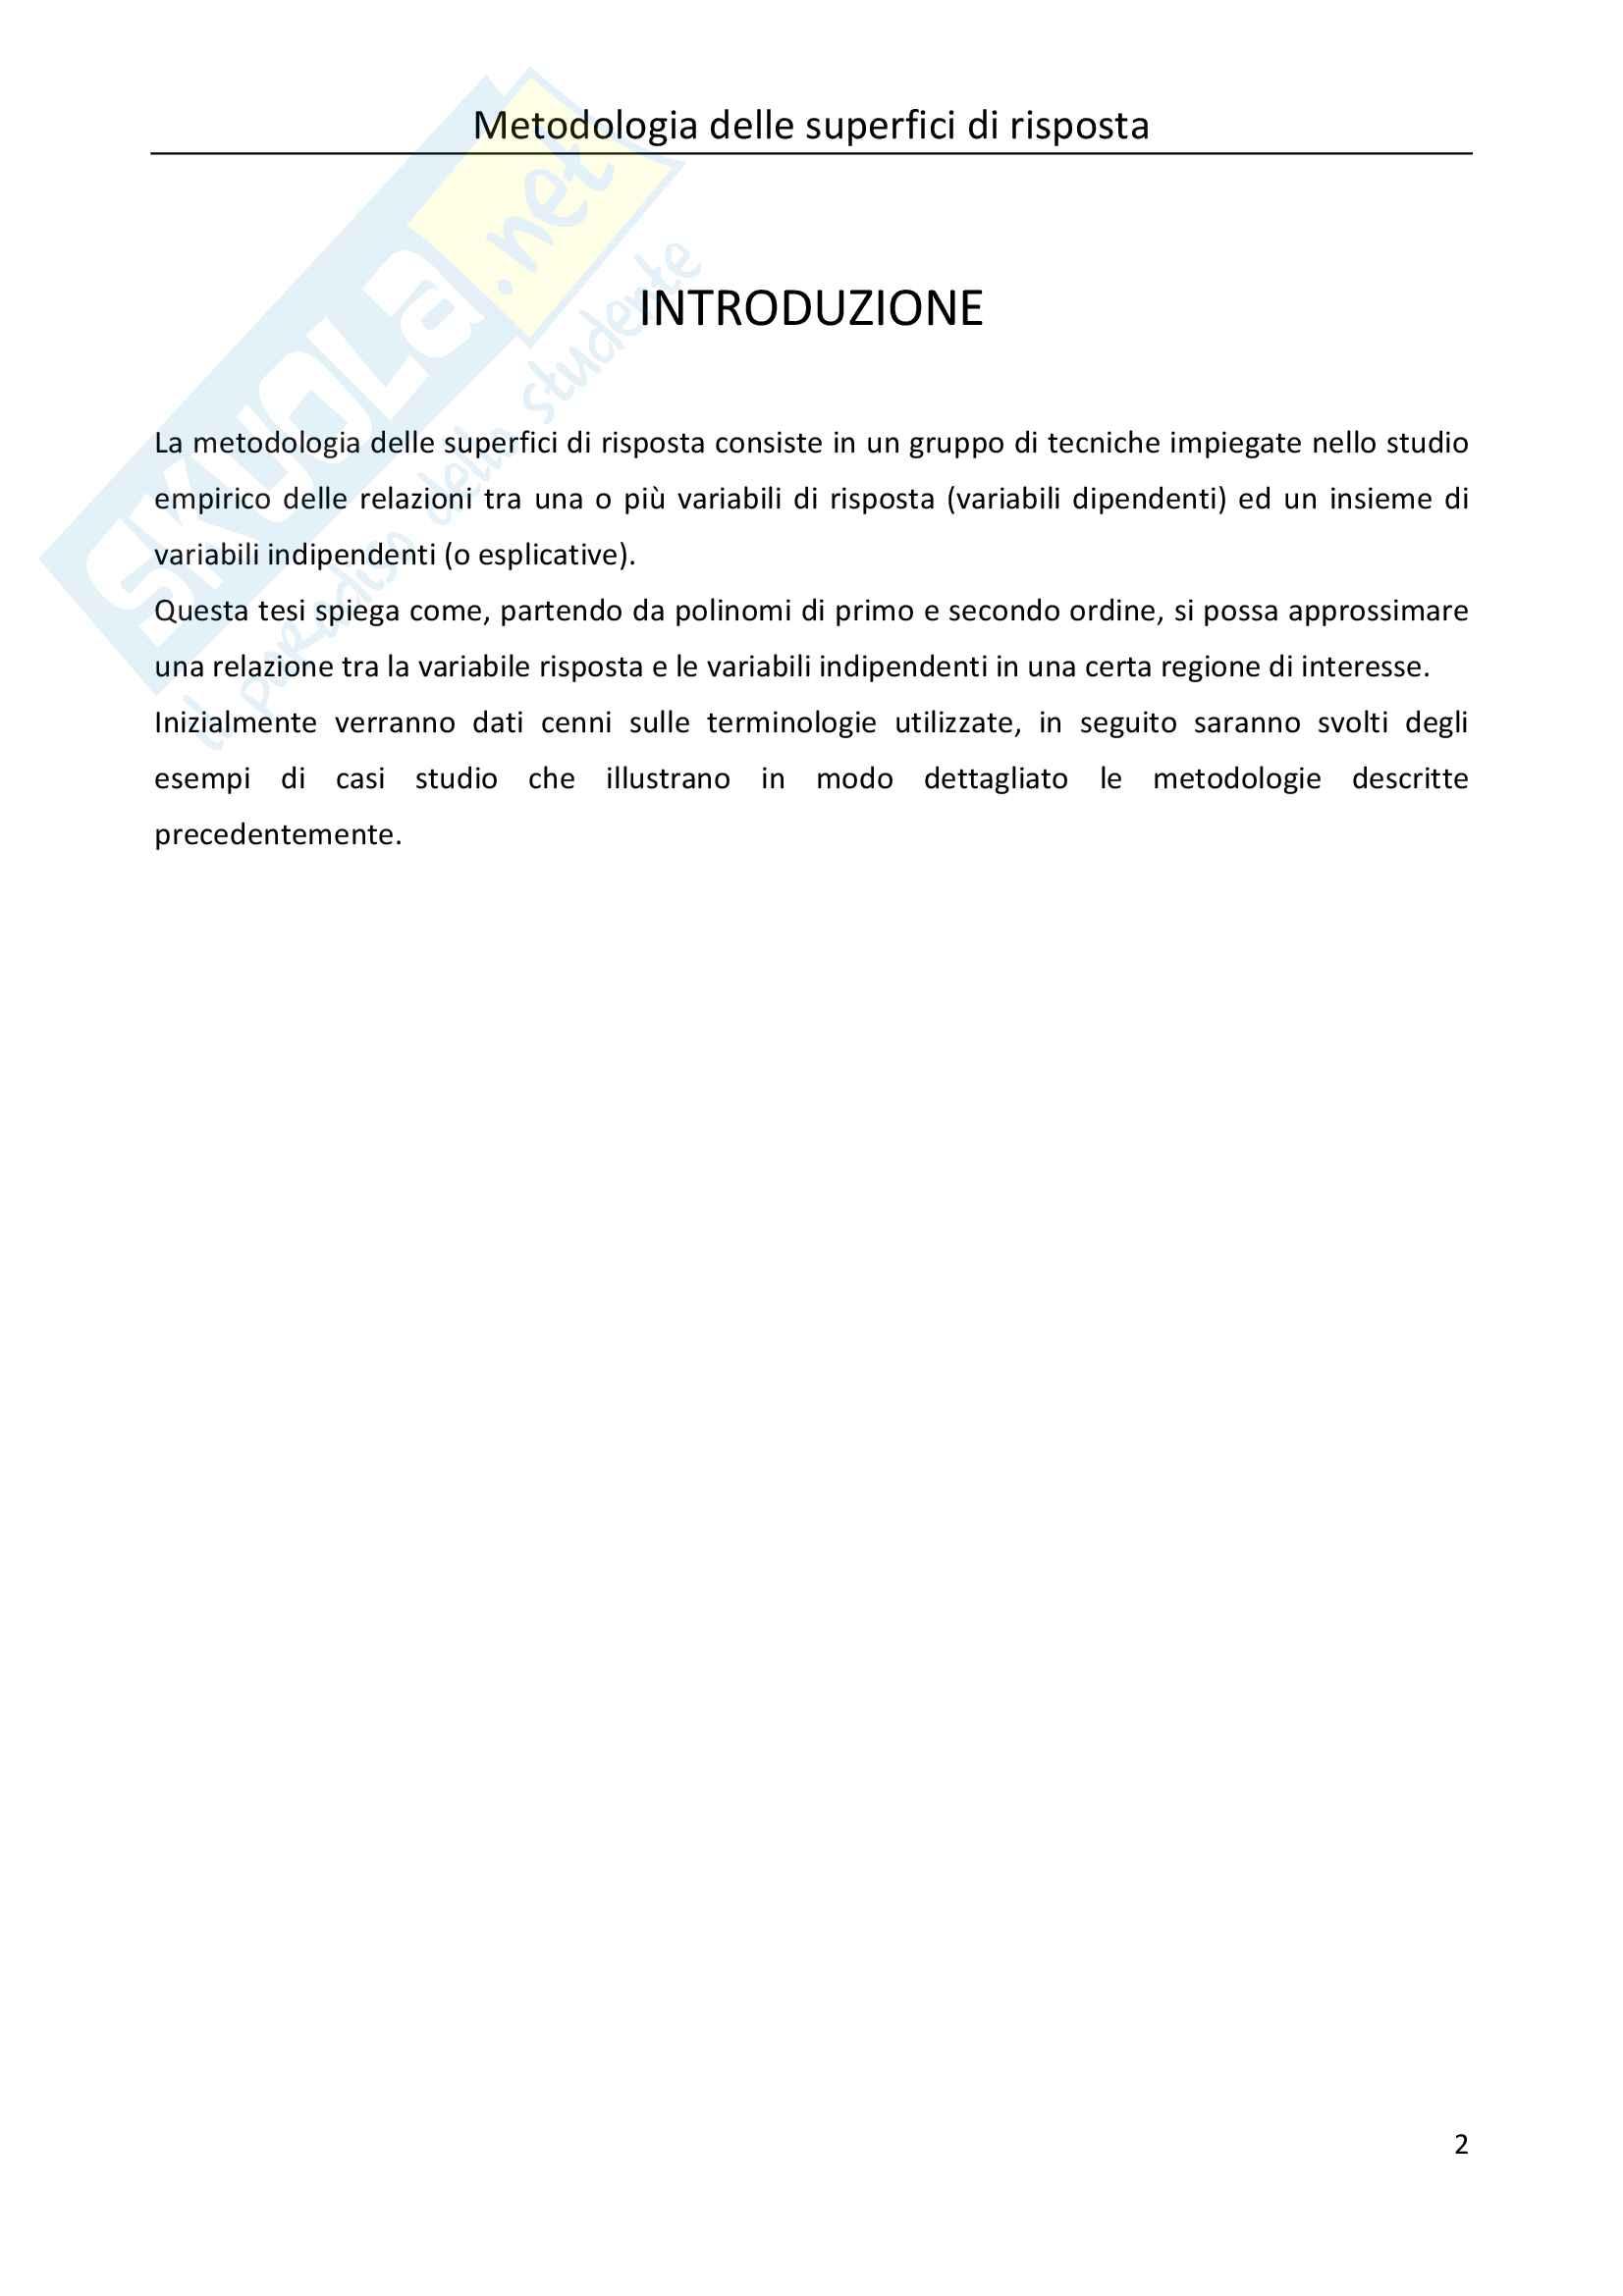 Tesi Statistica: metodologia delle superfici di risposta Pag. 2